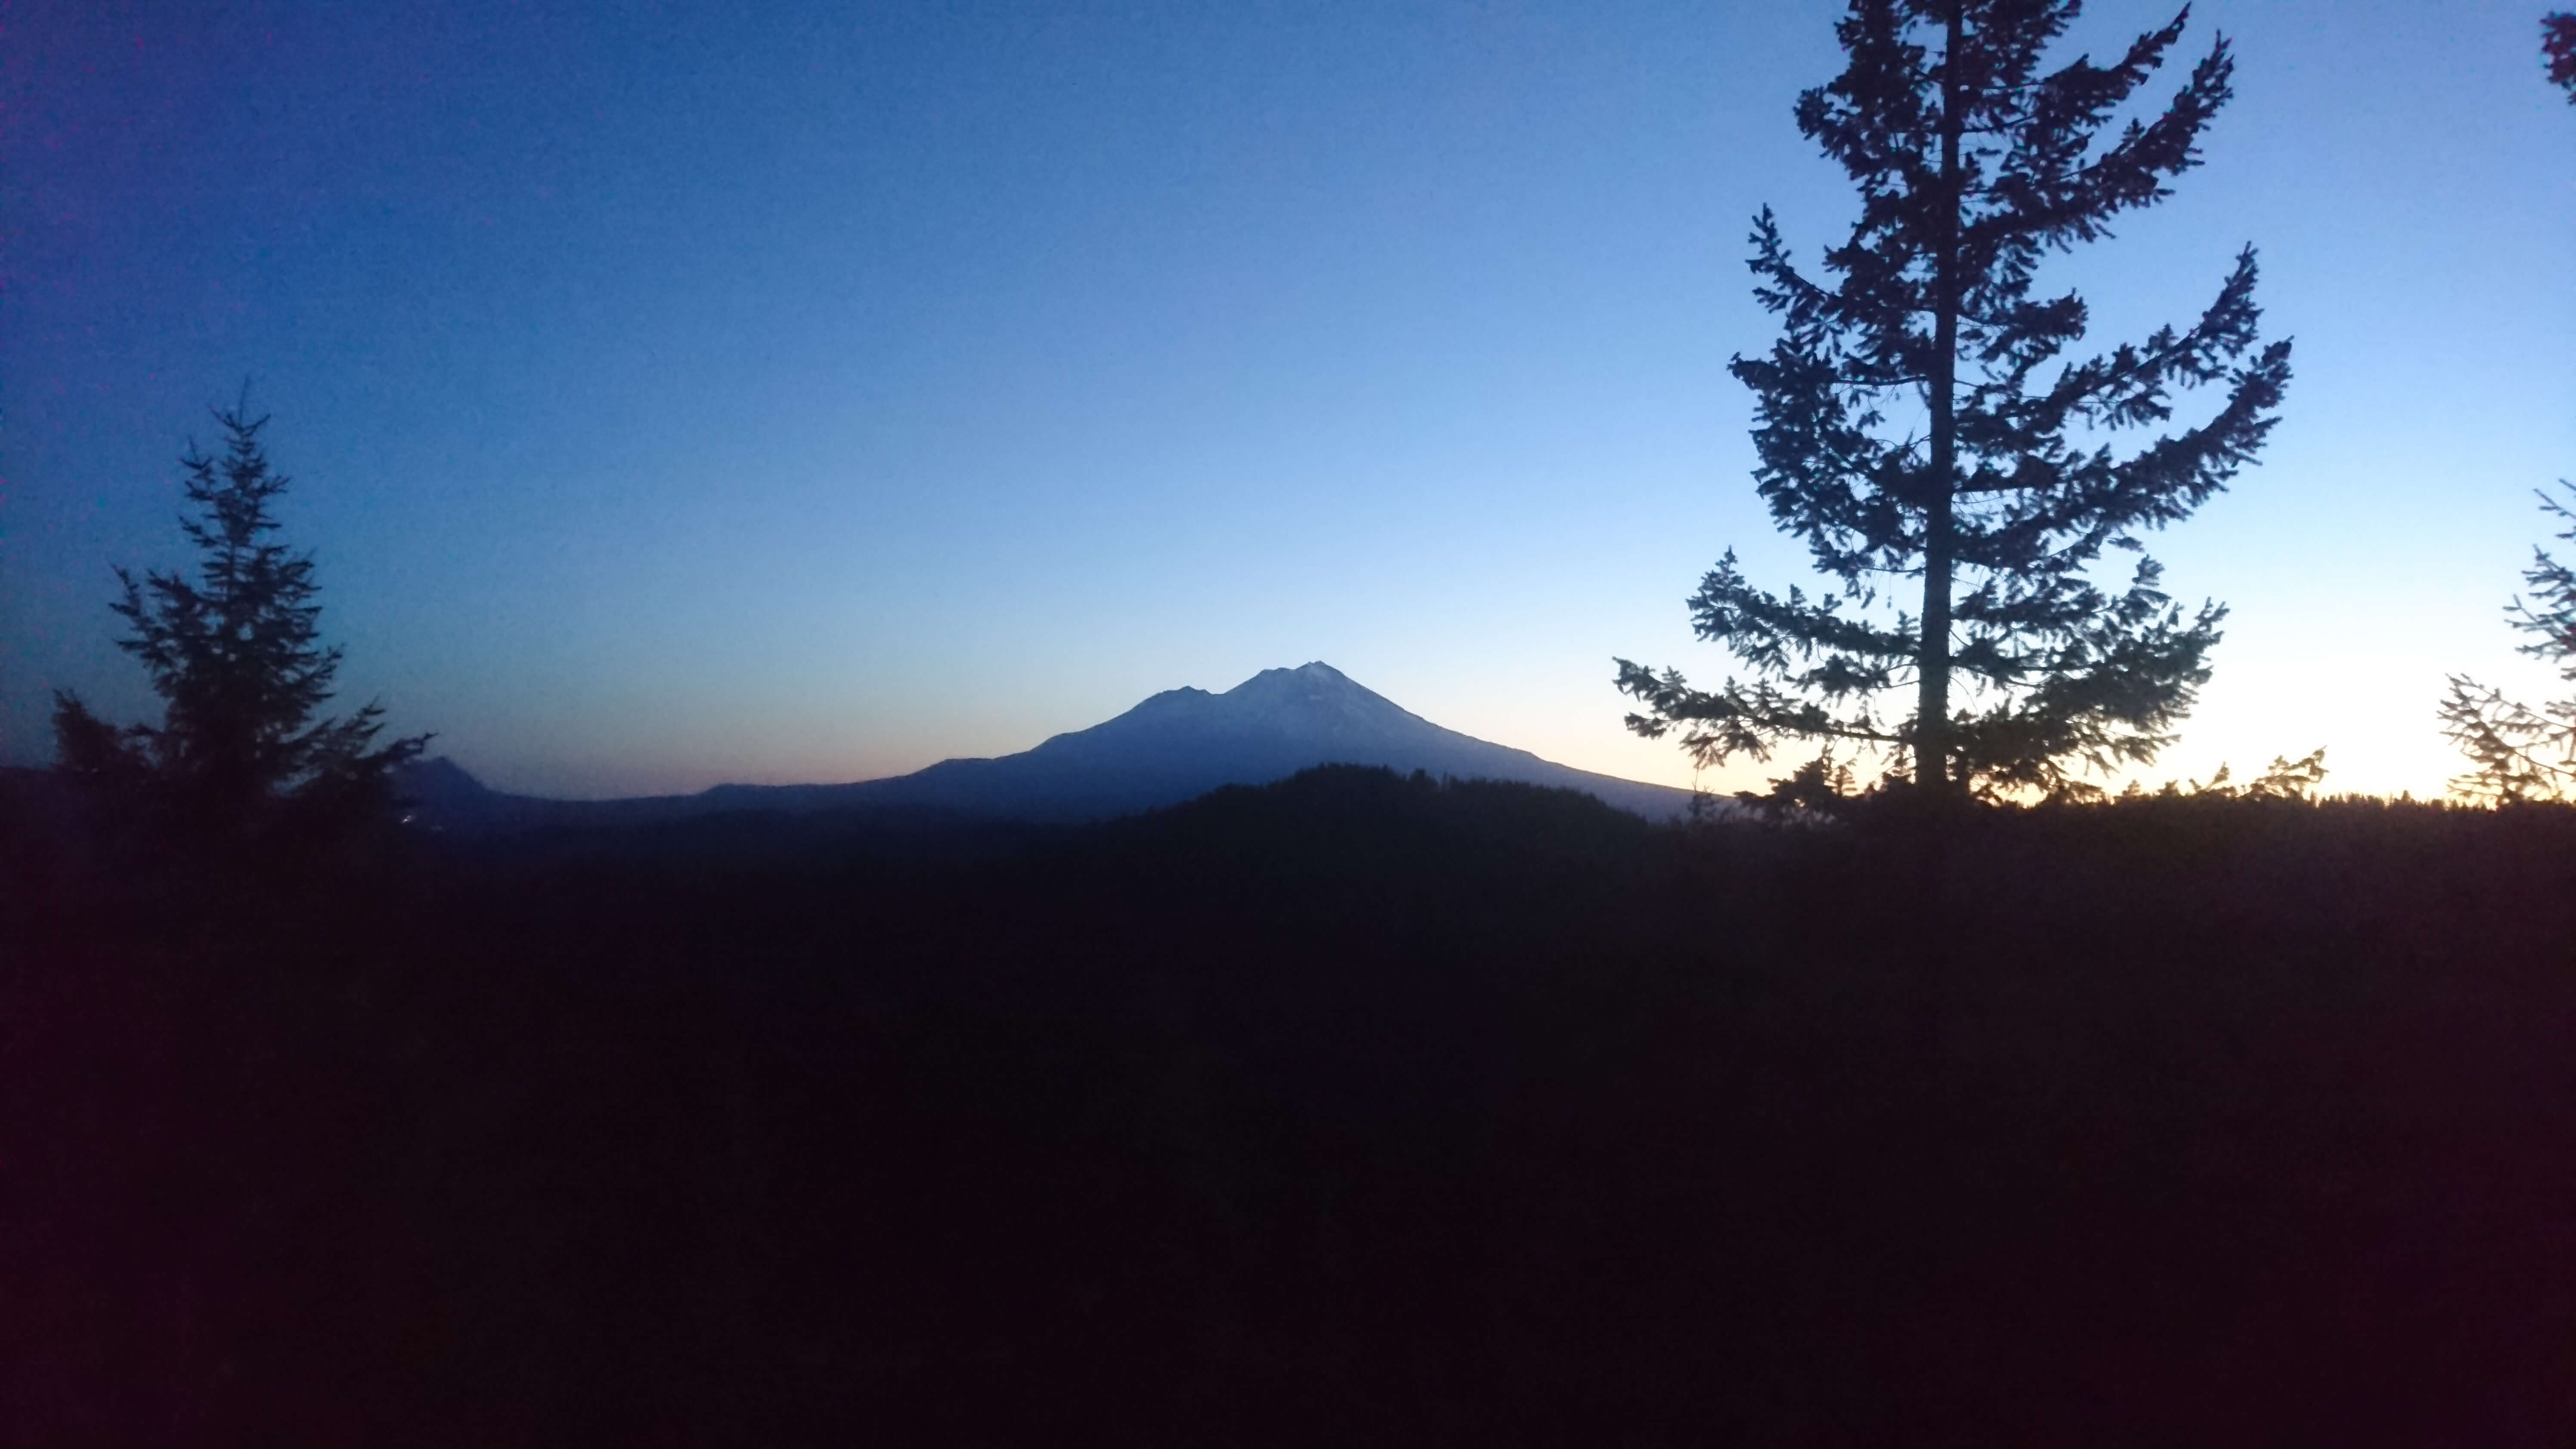 Lever du jour sur le Mont Shasta